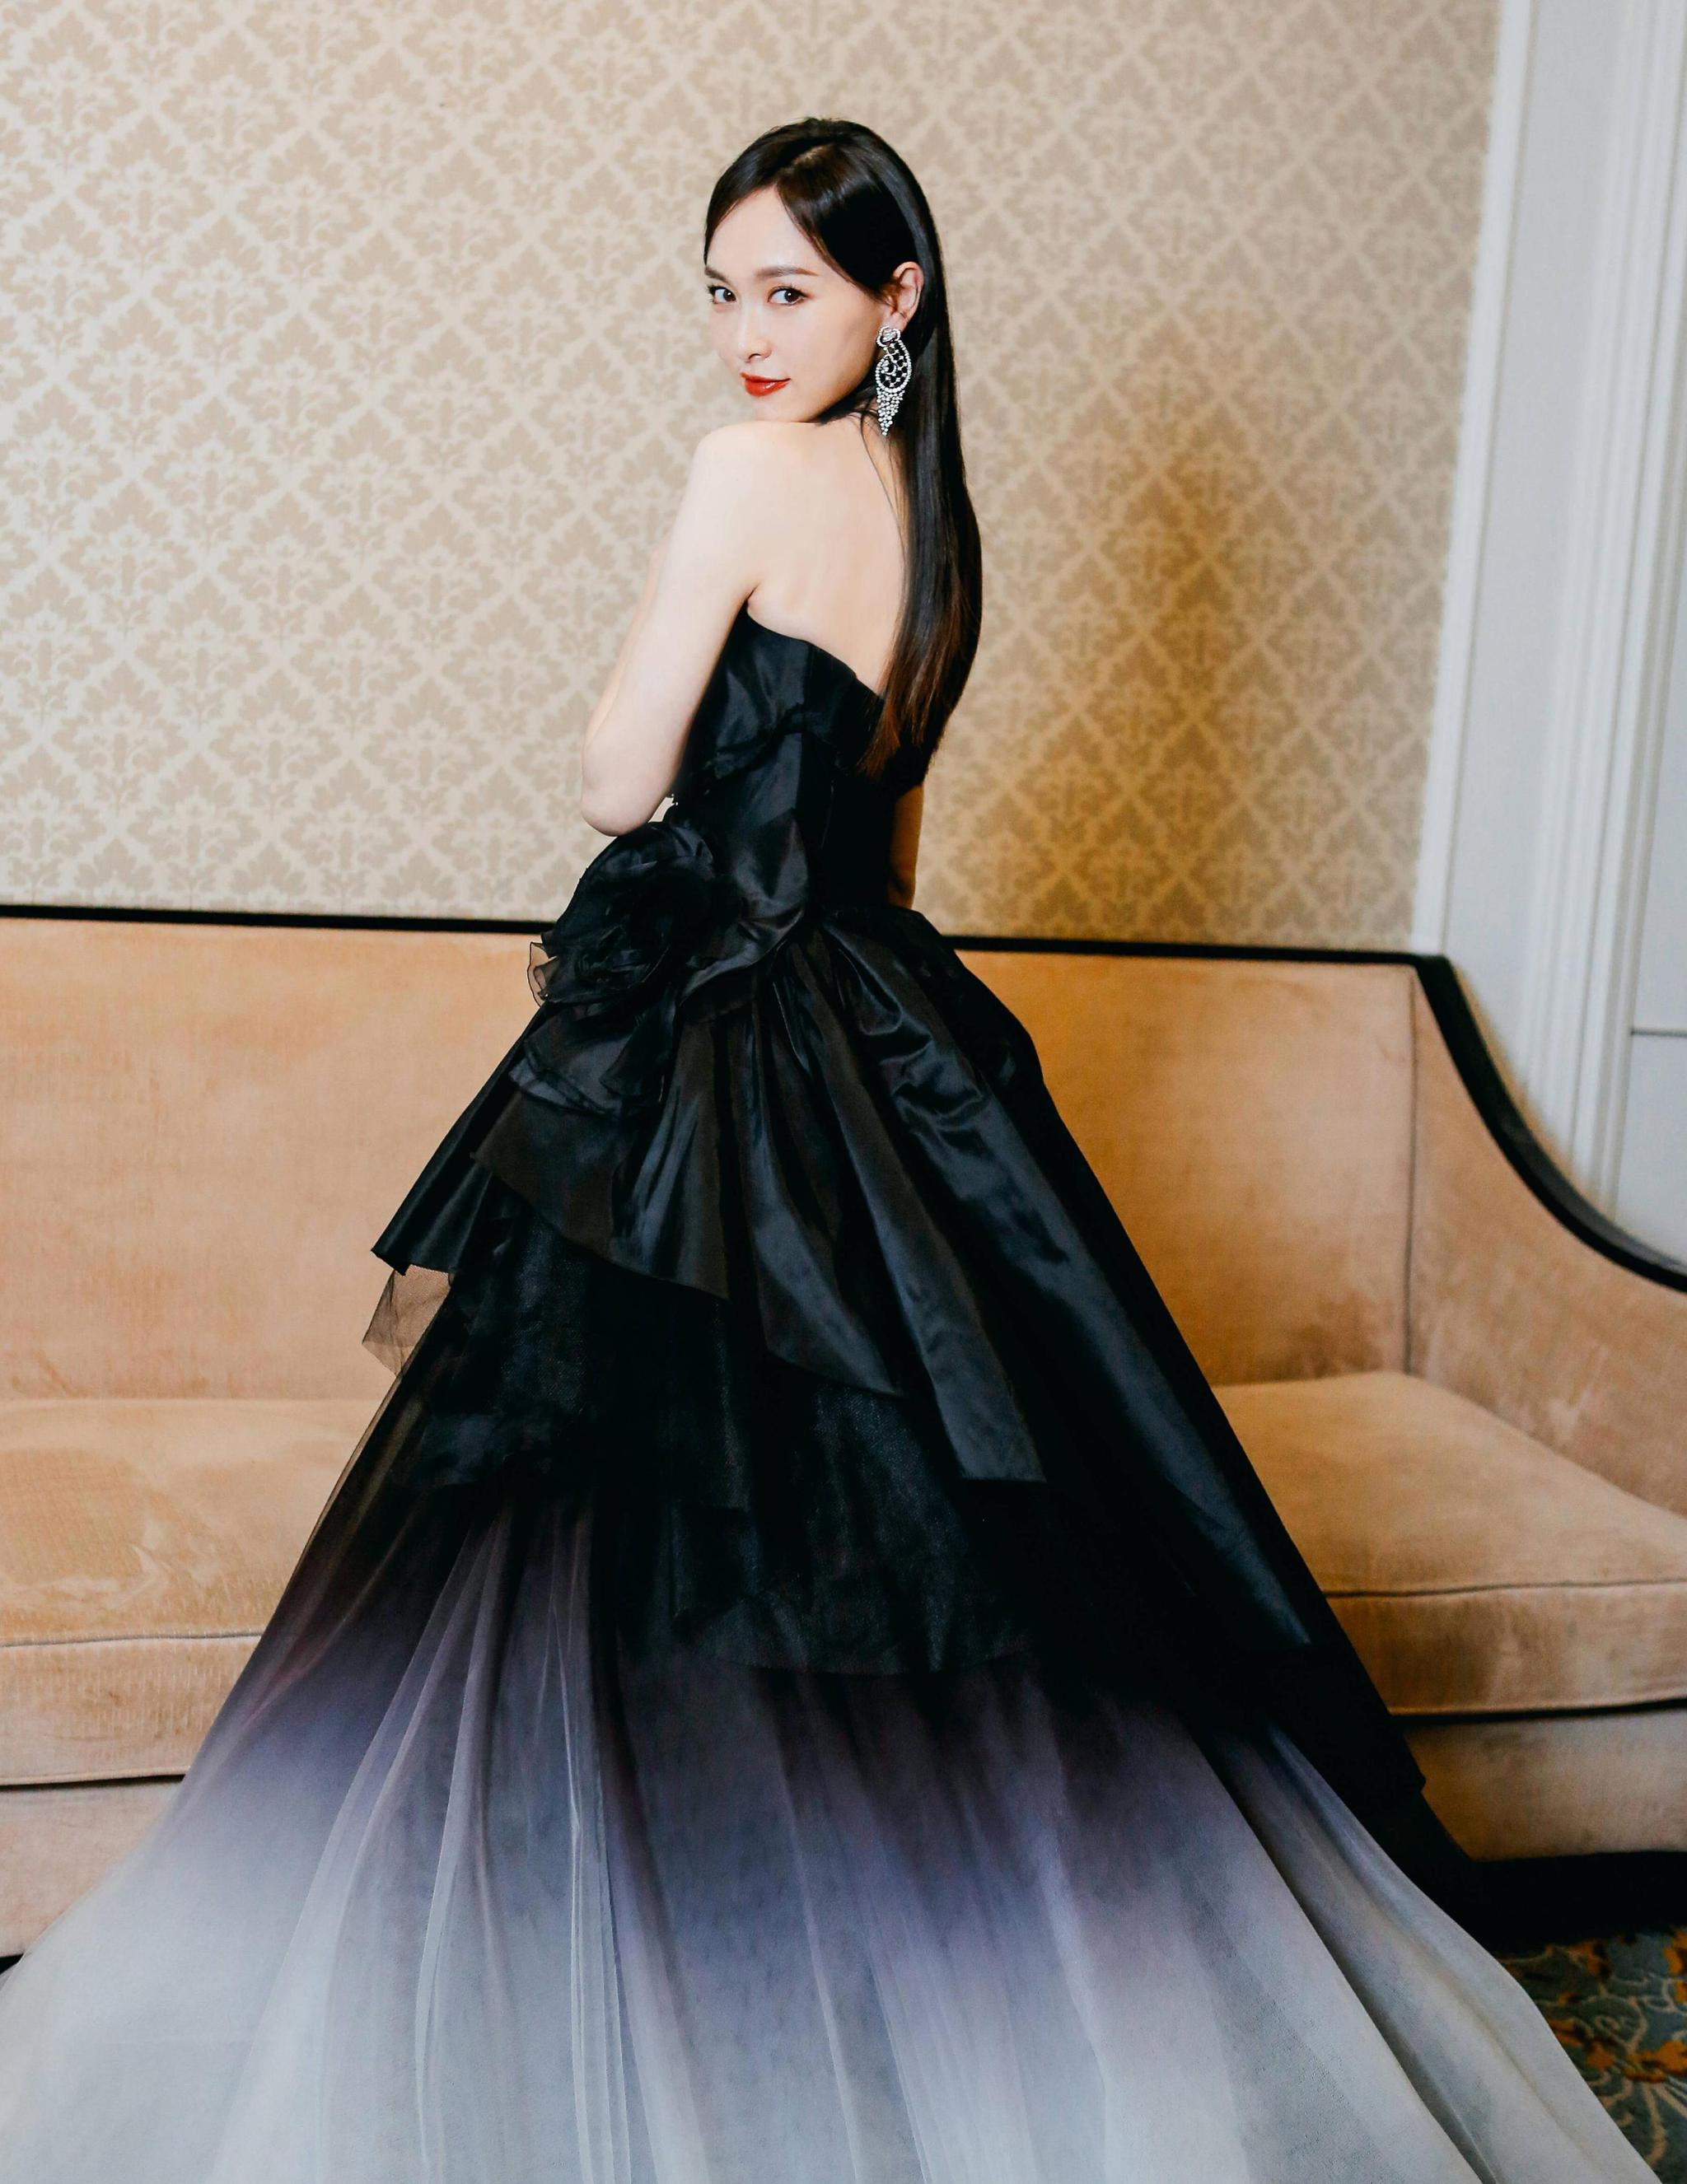 唐嫣甜美风造型太美了,一袭水墨天鹅公主裙,变身俏丽佳人